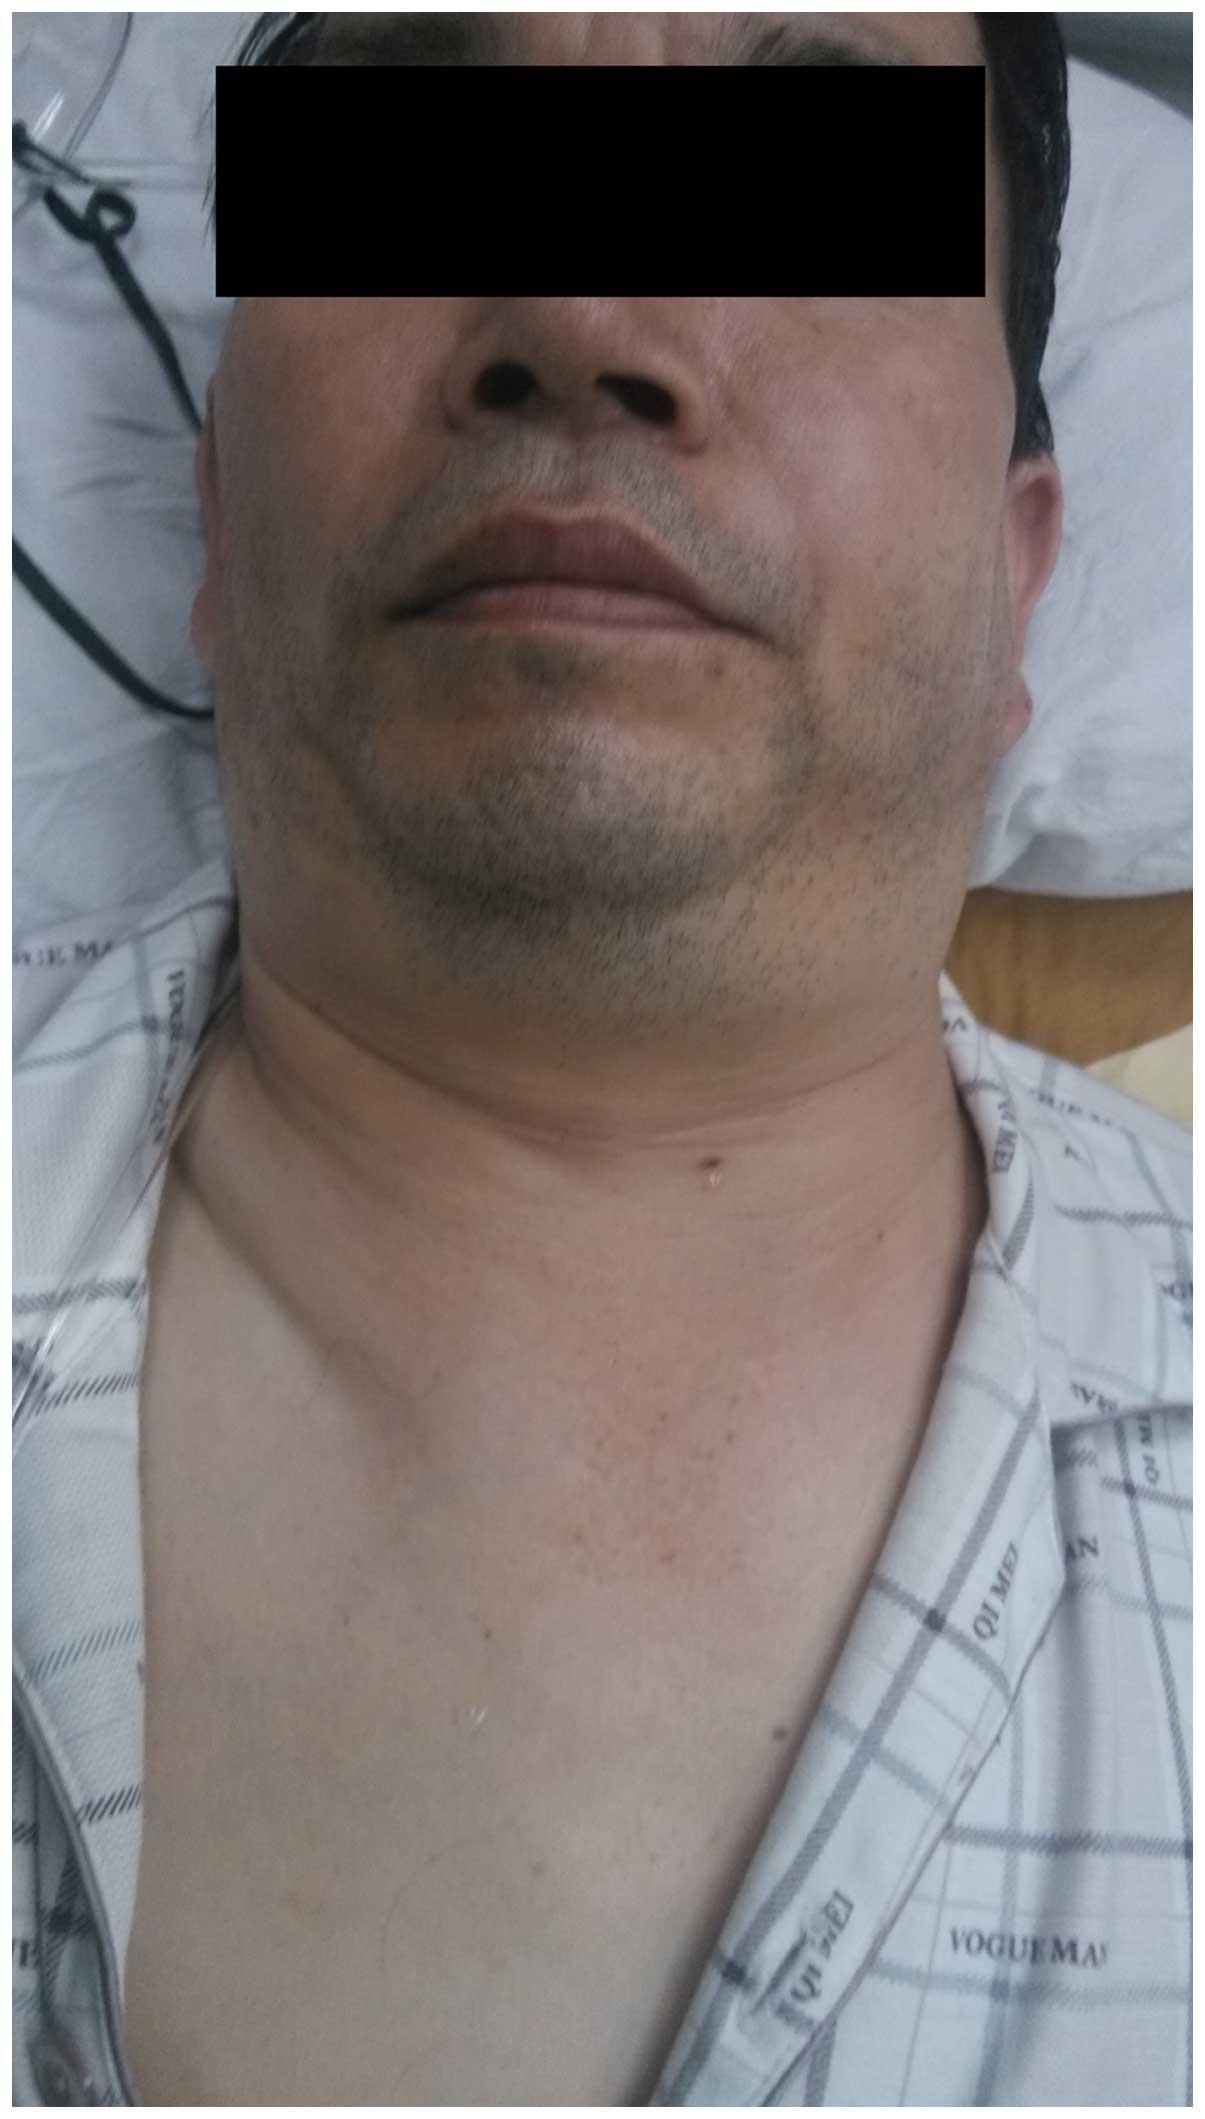 pneumothorax  pneumomediastinum  pneumoperitoneum and